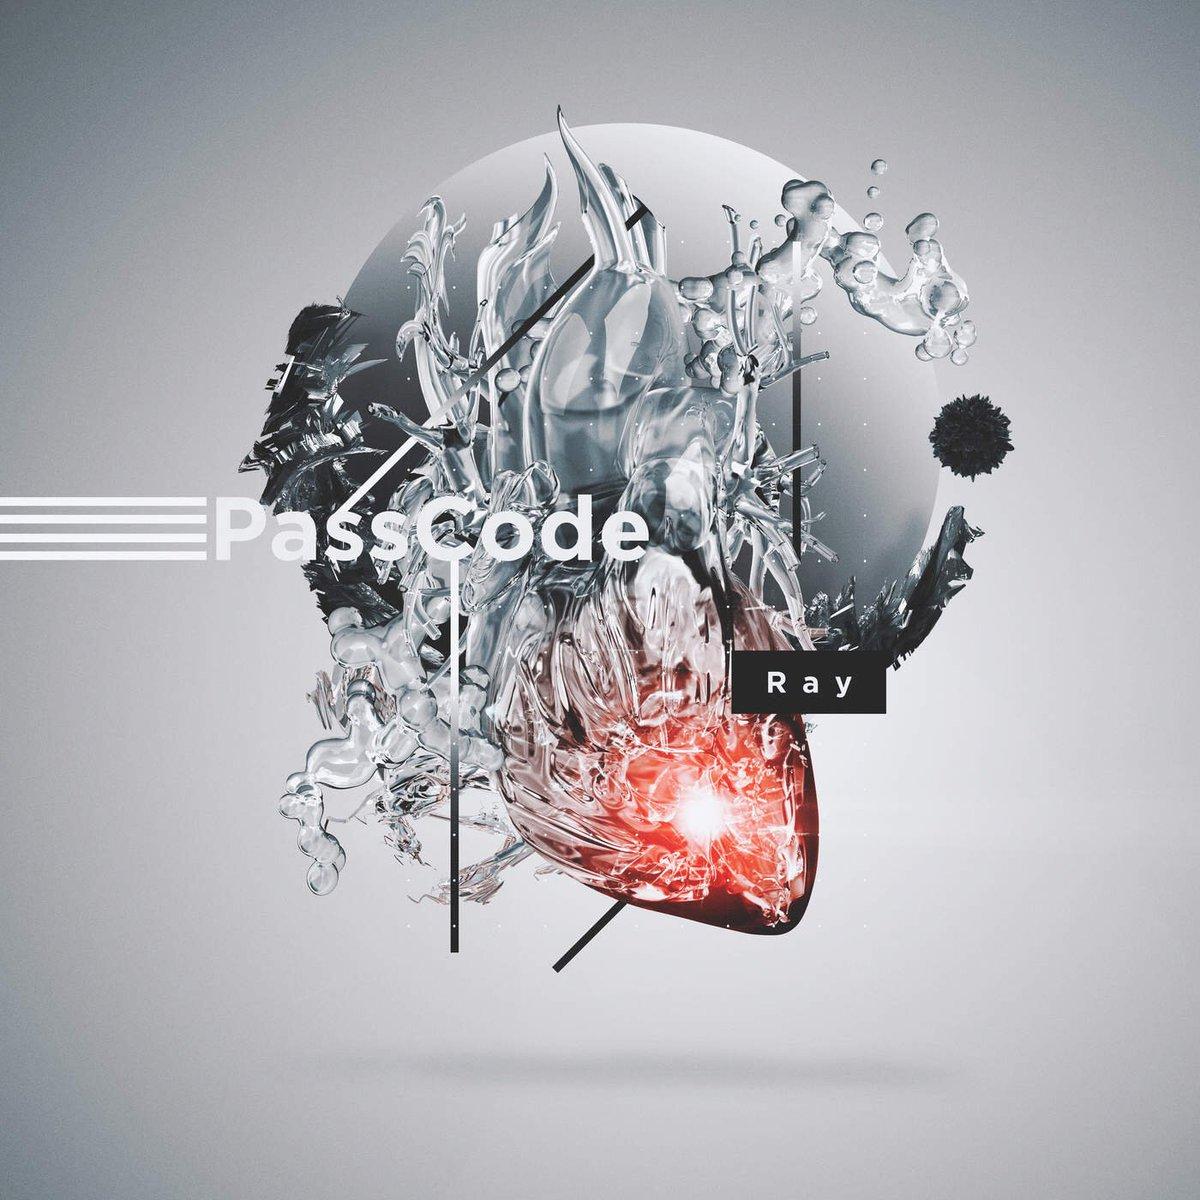 passcode ray.jpg